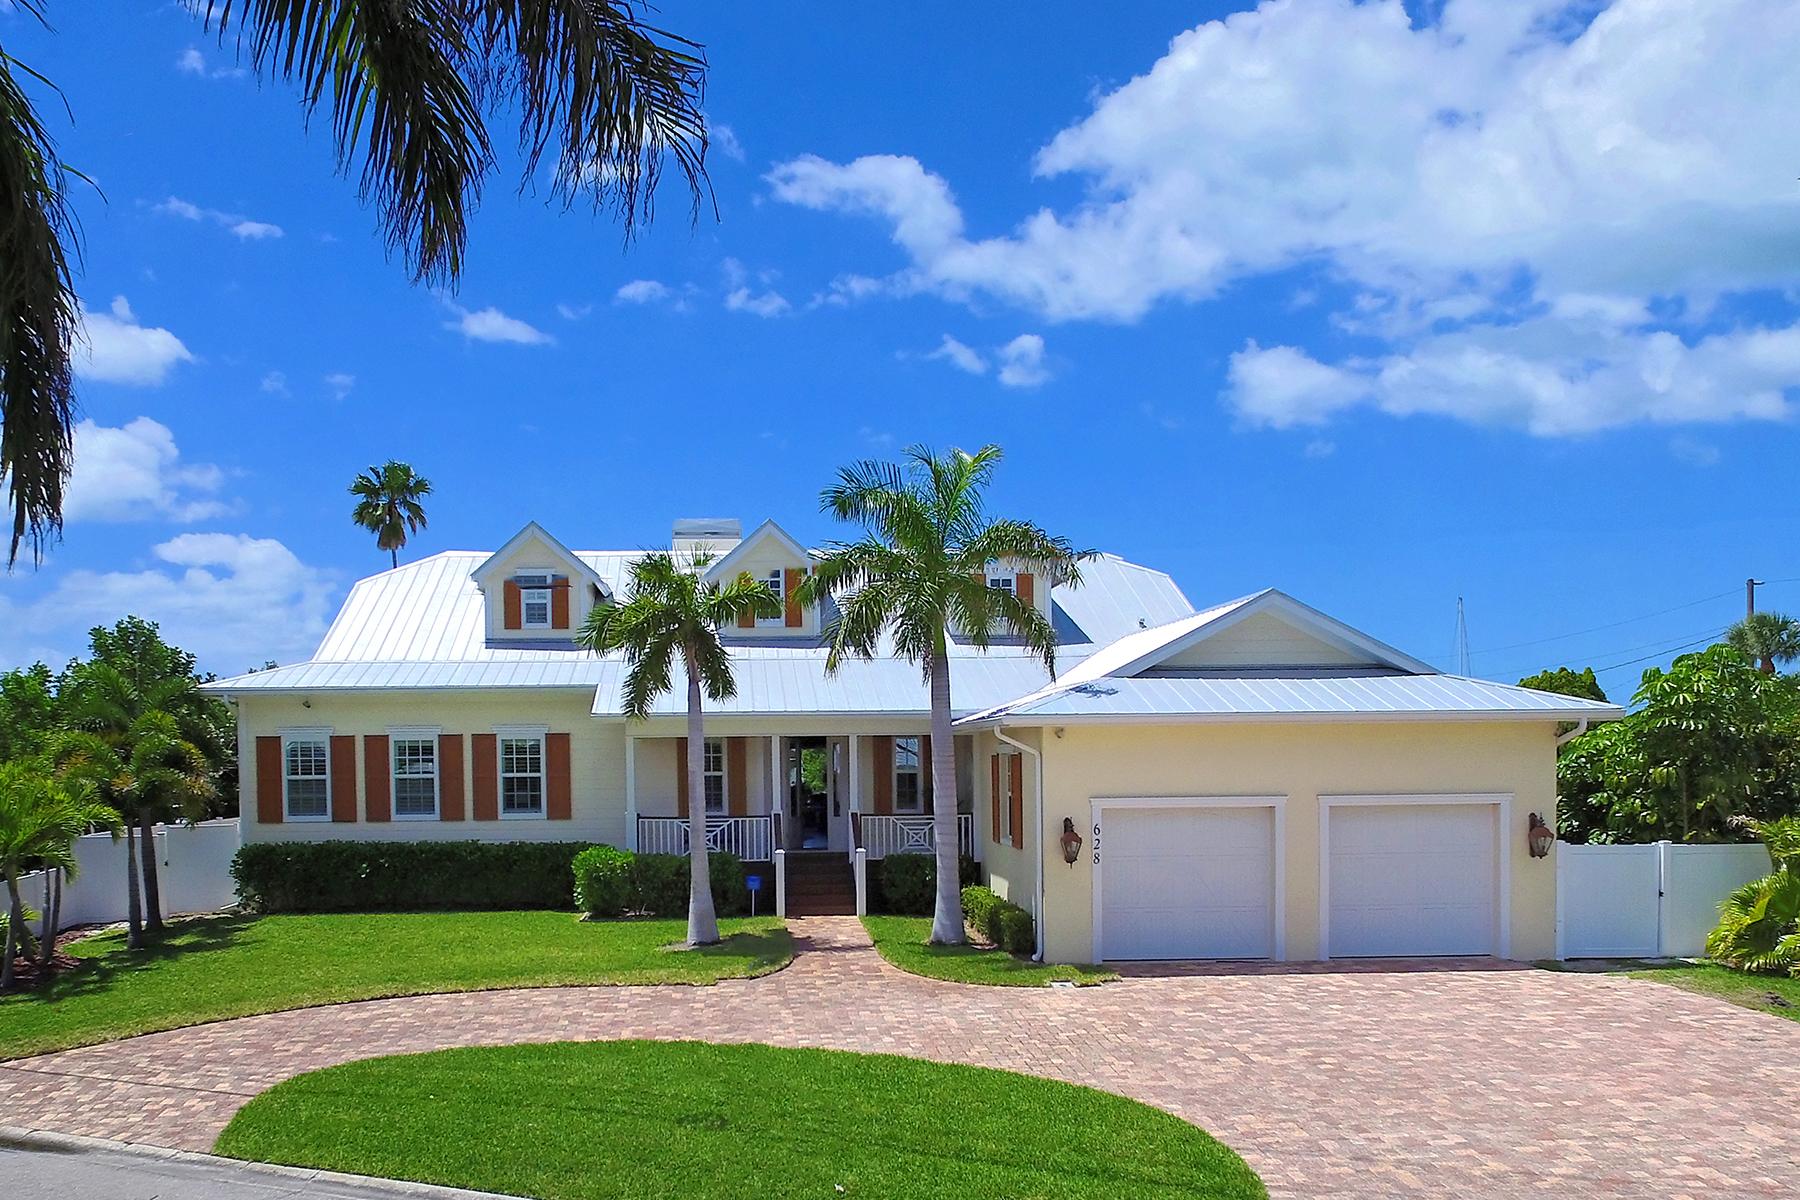 Maison unifamiliale pour l Vente à HOLMES BEACH 628 Key Royale Dr Holmes Beach, Florida, 34217 États-Unis